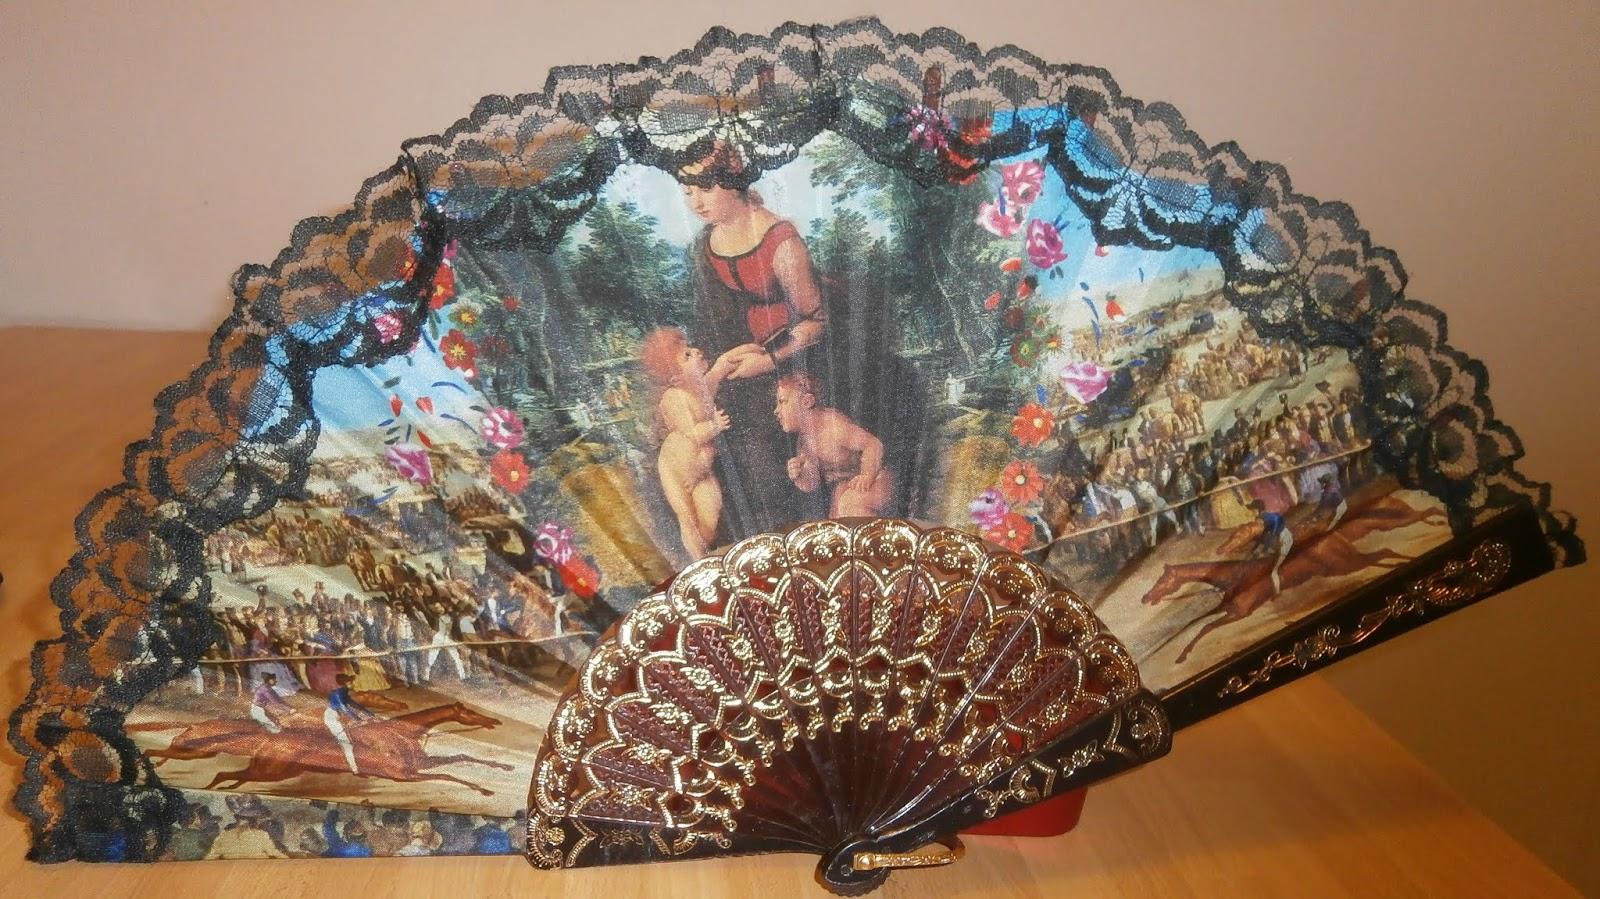 Ventagli Da Parete Decorativi minerva news : i ventagli: vere opere d'arte